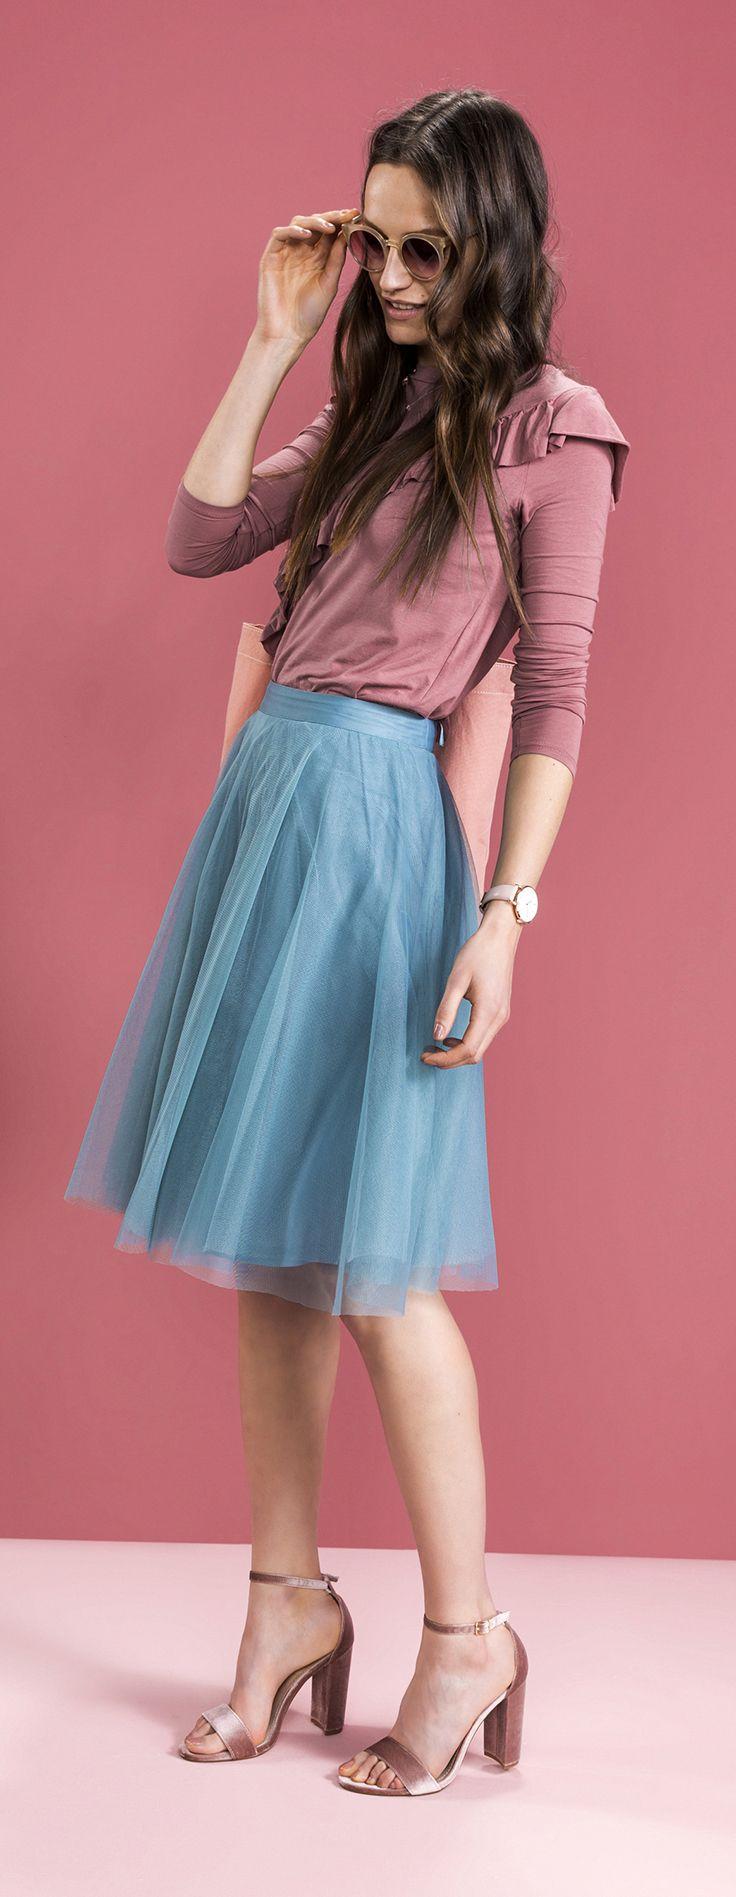 Worden we blij van: een nieuwe voorjaarsoutfit. #zinin #voorjaar #kleding #collectie #outfit